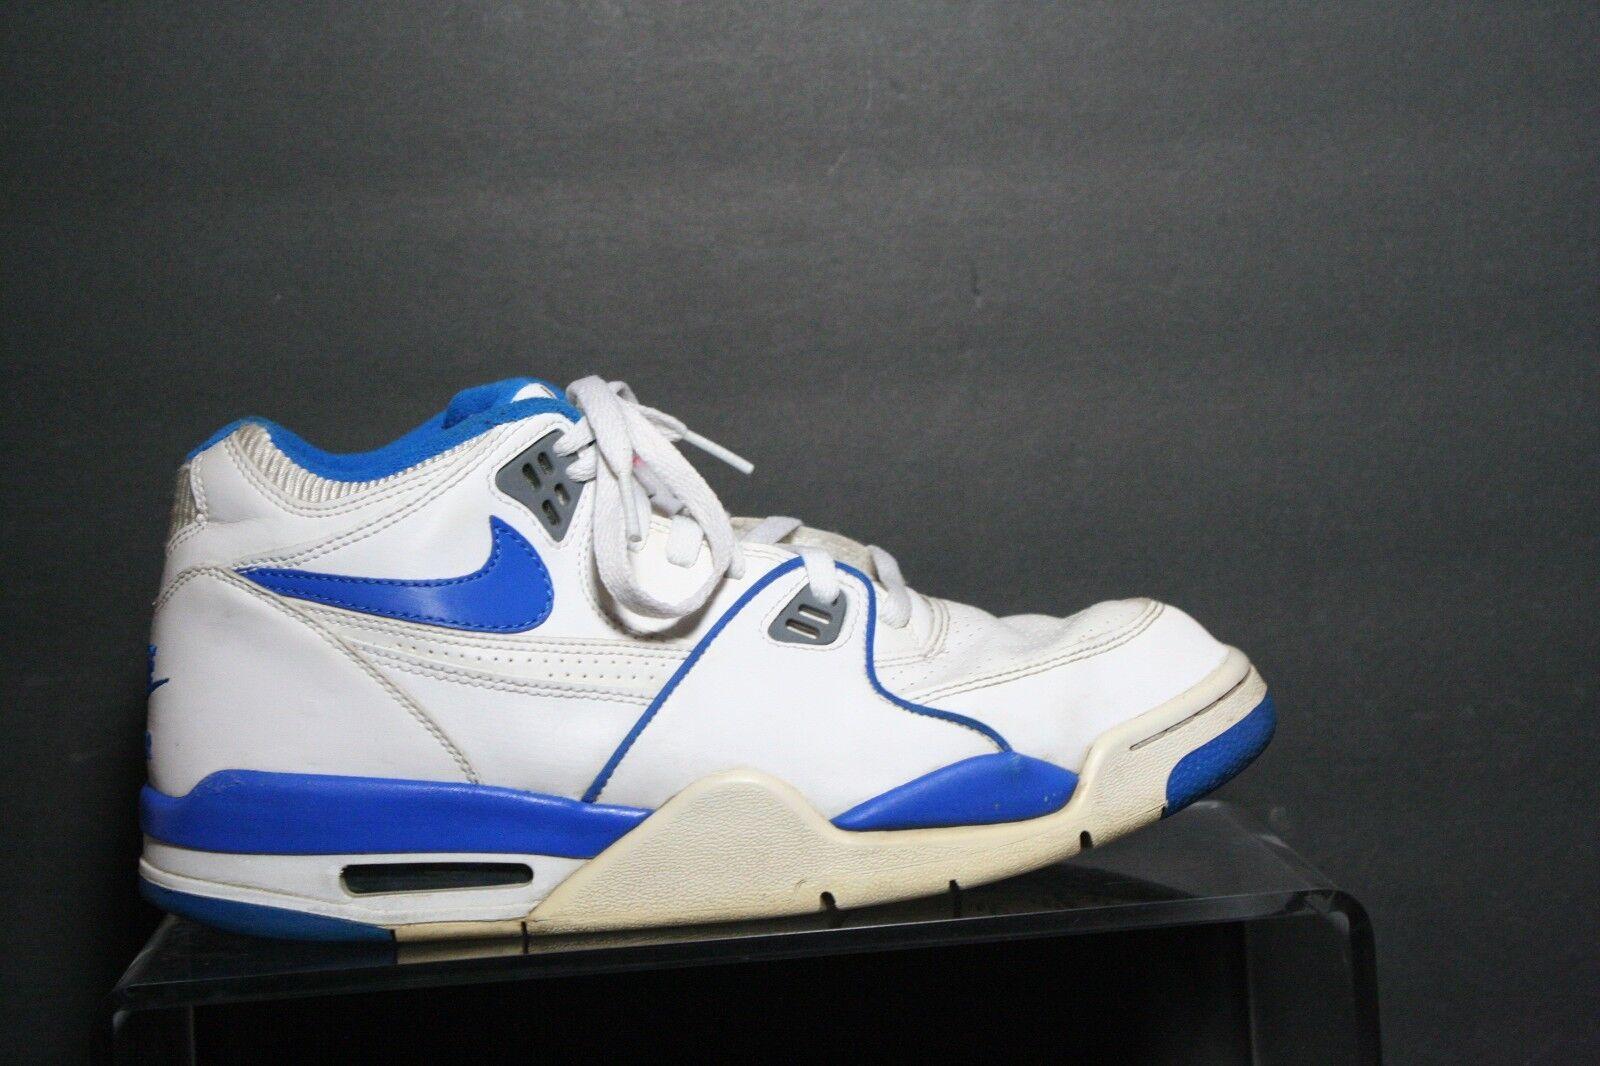 Nike Air flight flight flight 89 retro zapatillas de baloncesto Jordan '11 multi blanco Azul Hombres 9,5 barato y hermoso moda 1264bb